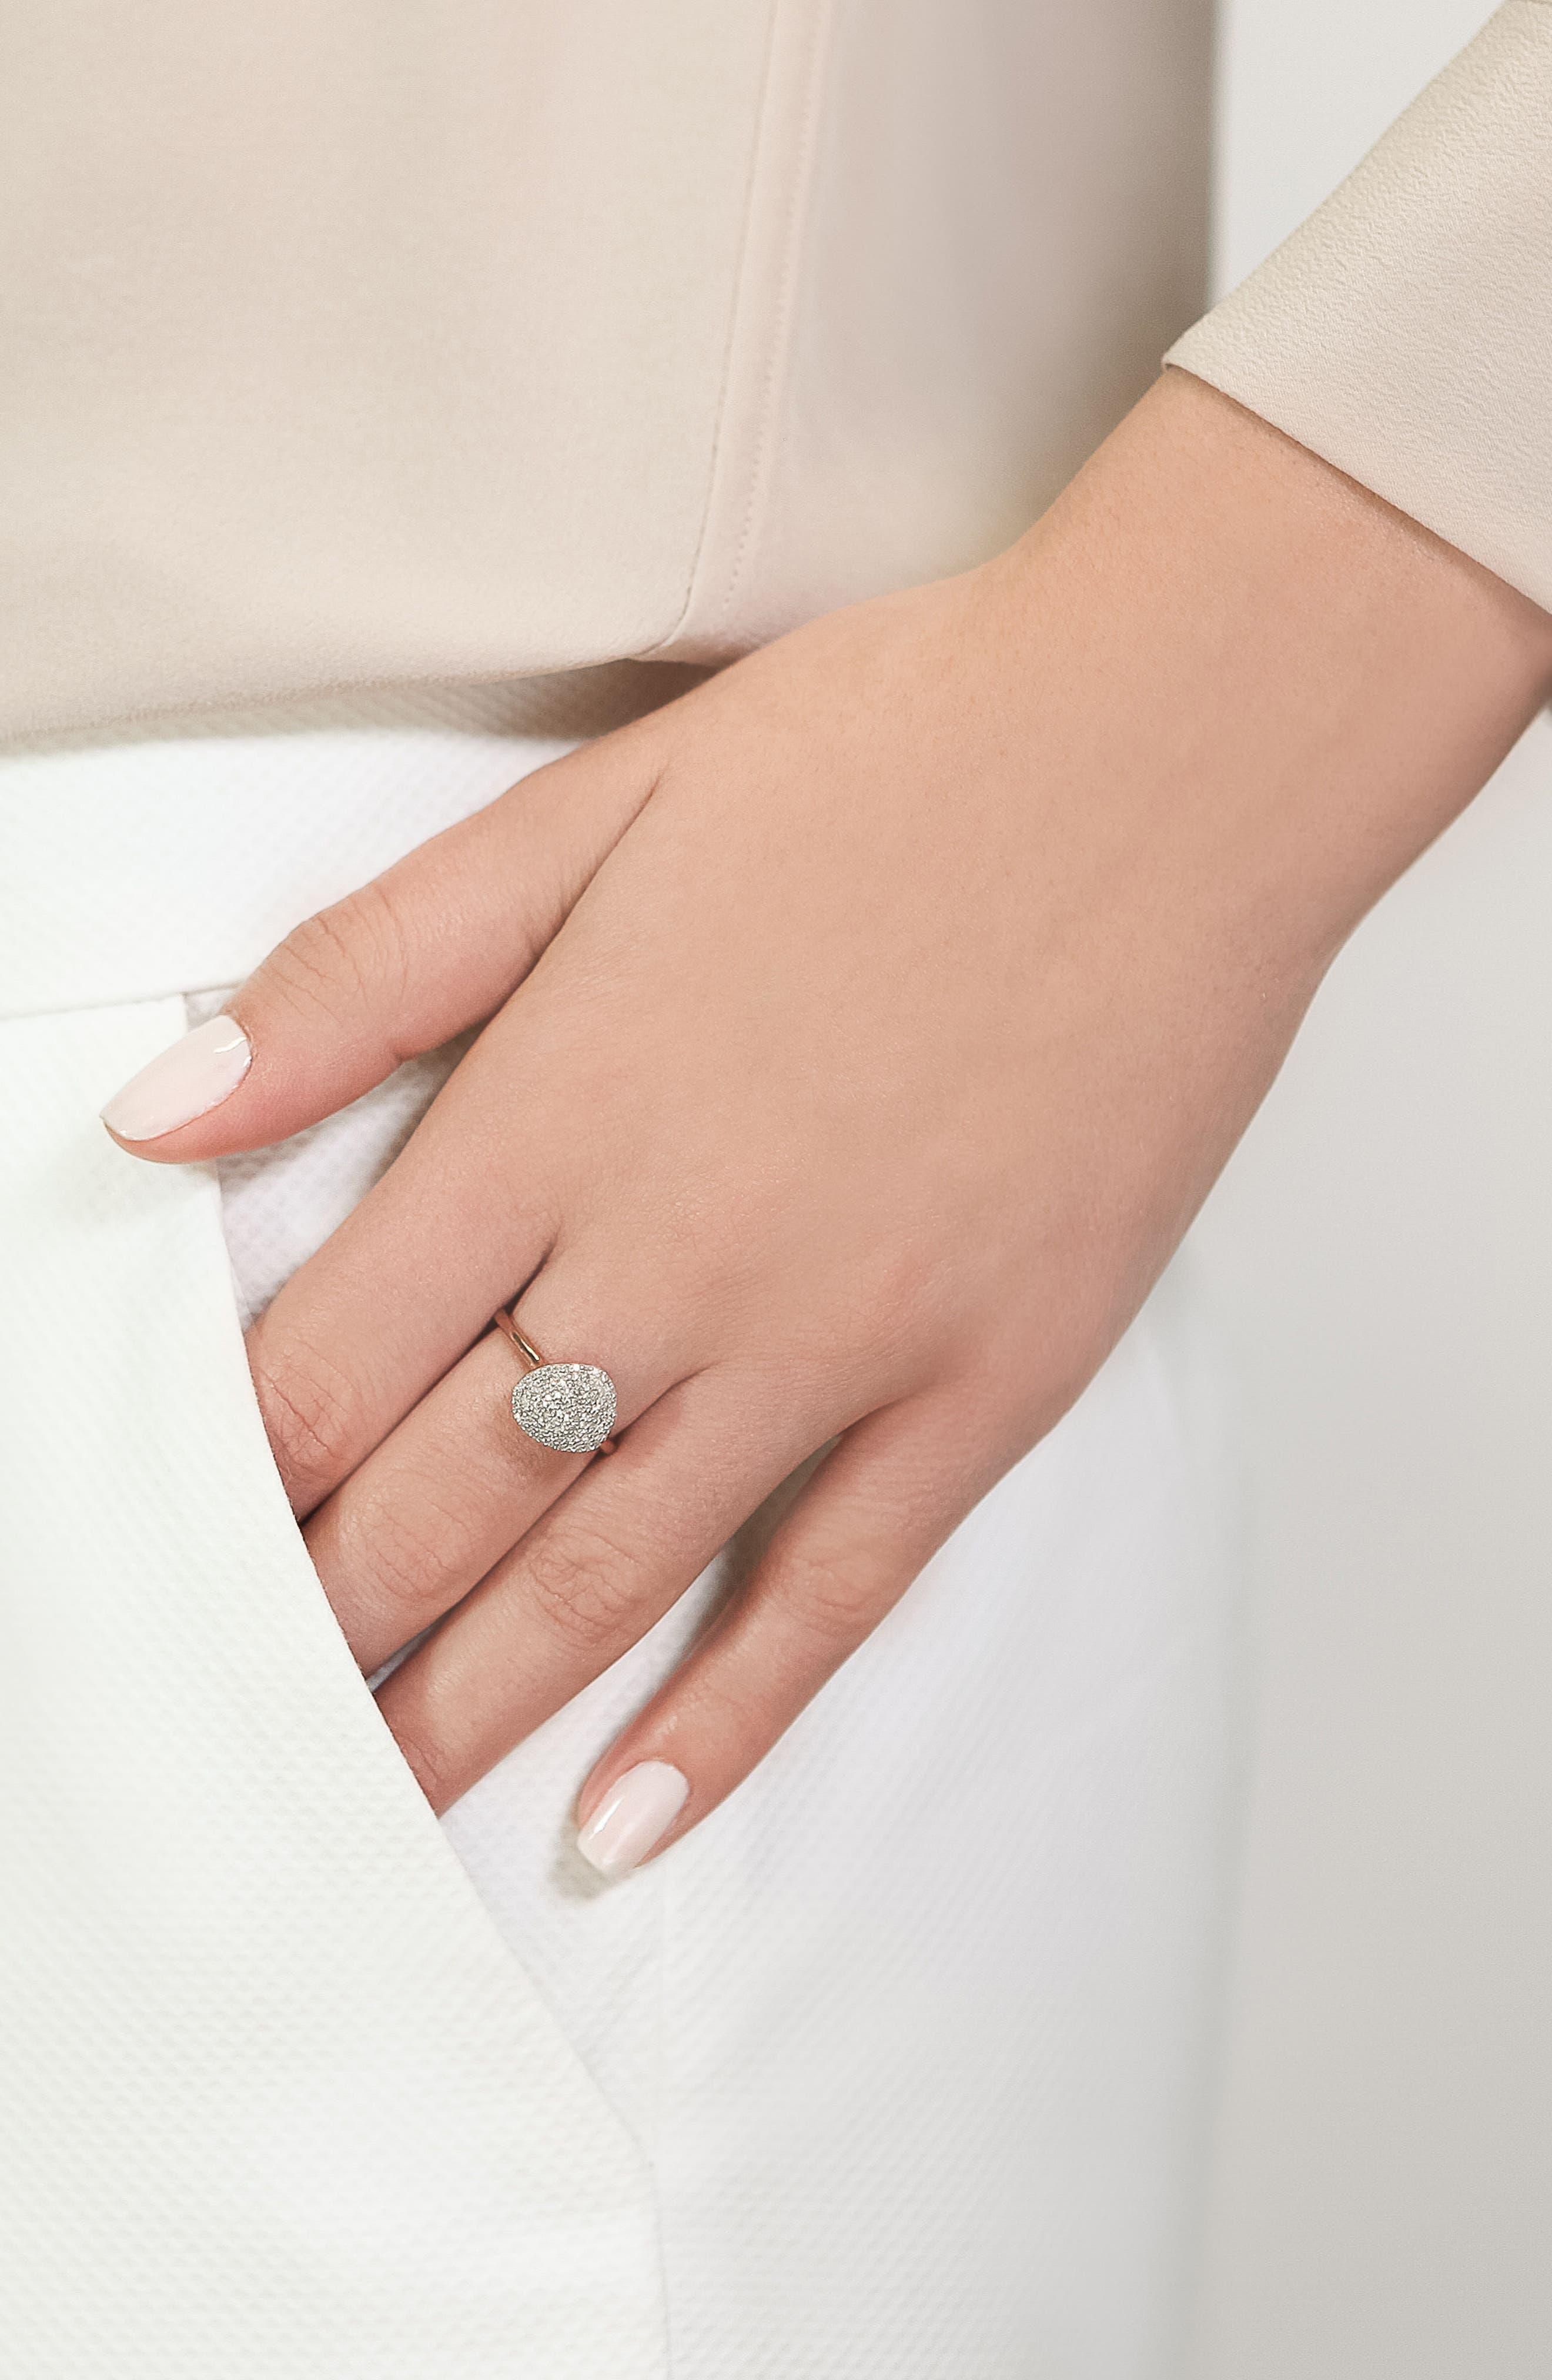 Nura Diamond Pebble Ring,                             Alternate thumbnail 4, color,                             ROSE GOLD/ DIAMOND